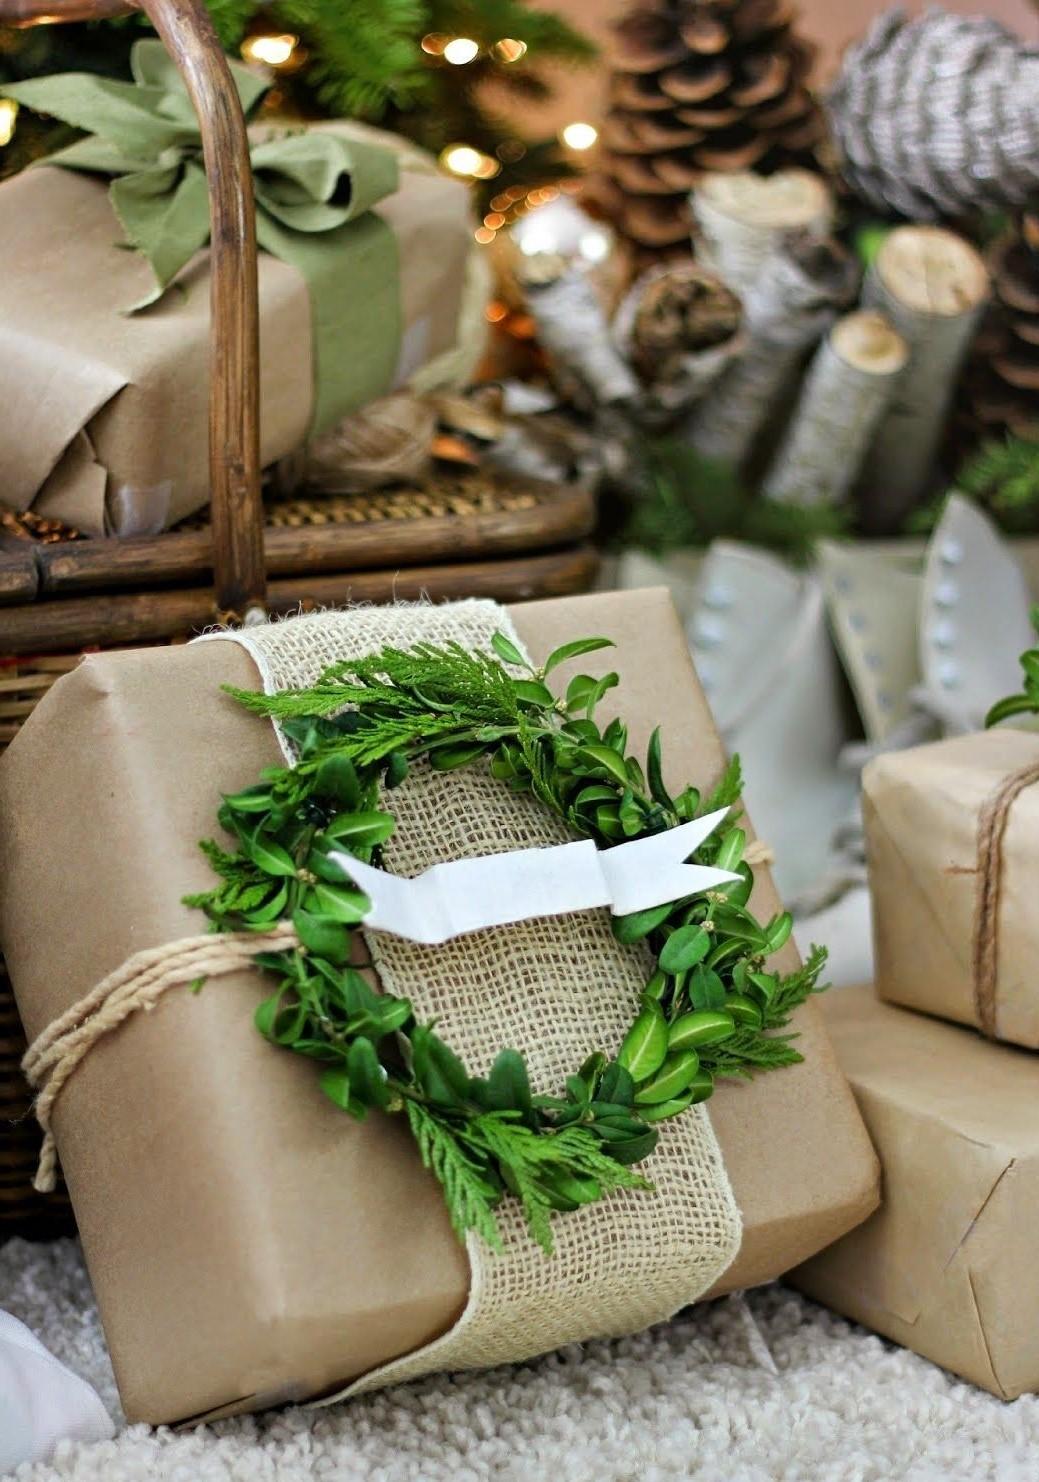 Faites une petite couronne de feuilles persistantes pour embellir le paquet cadeau.